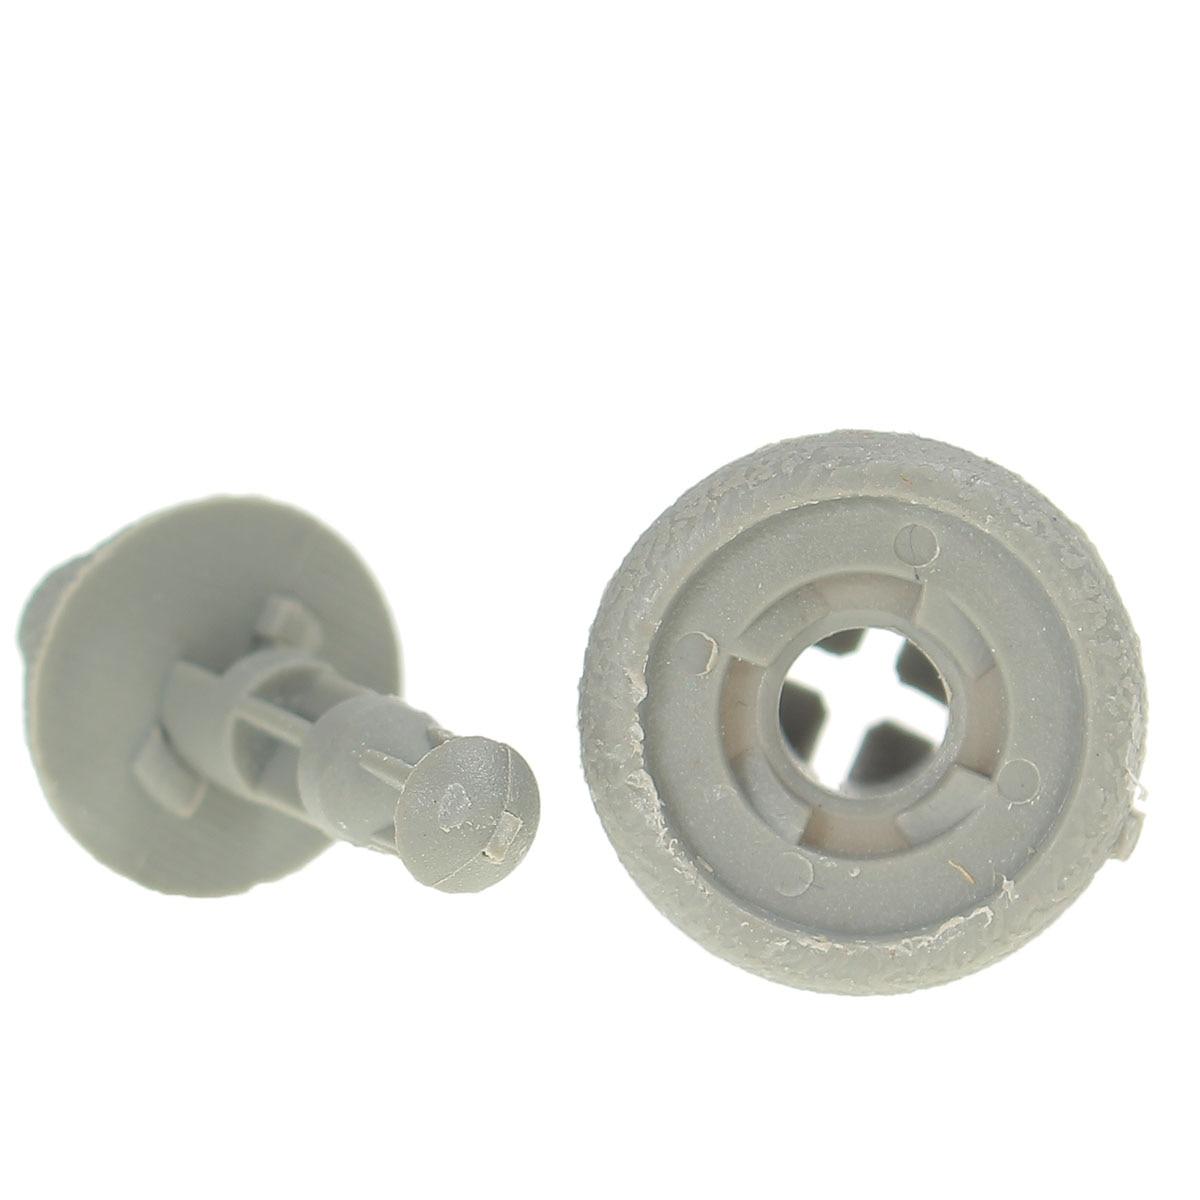 1 PZ Grigio Plastica Cappelliera End Clip Tipo Precoce Per Nissan Juke F15  799161KA3A in 1 PZ Grigio Plastica Cappelliera End Clip Tipo Precoce Per ... bee0dfd019fe